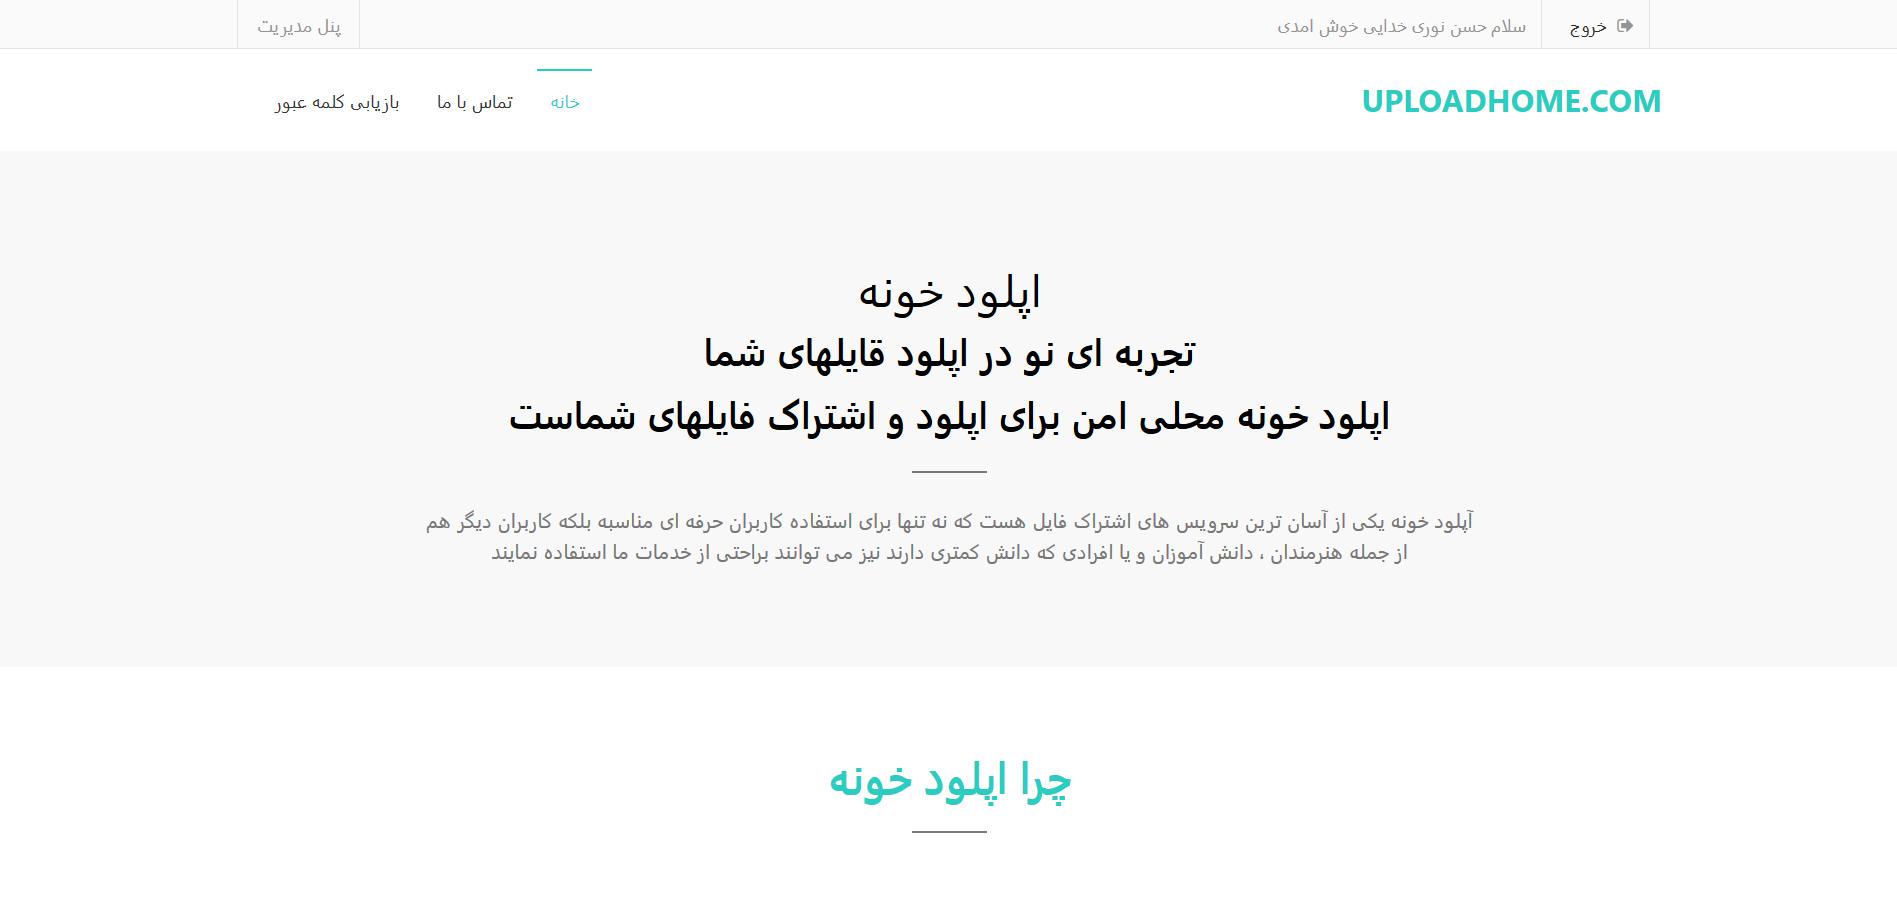 پروژه سایت اشتراک فایل + داکیومنت